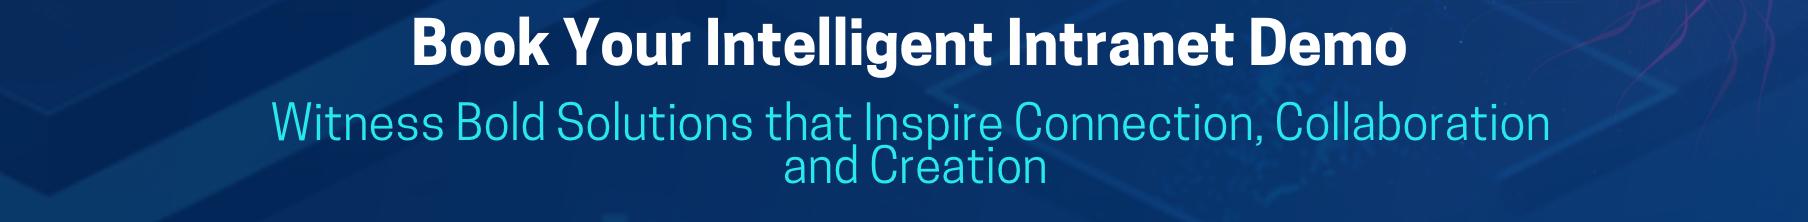 Book a CloudScale Intelligent Intranet Demo